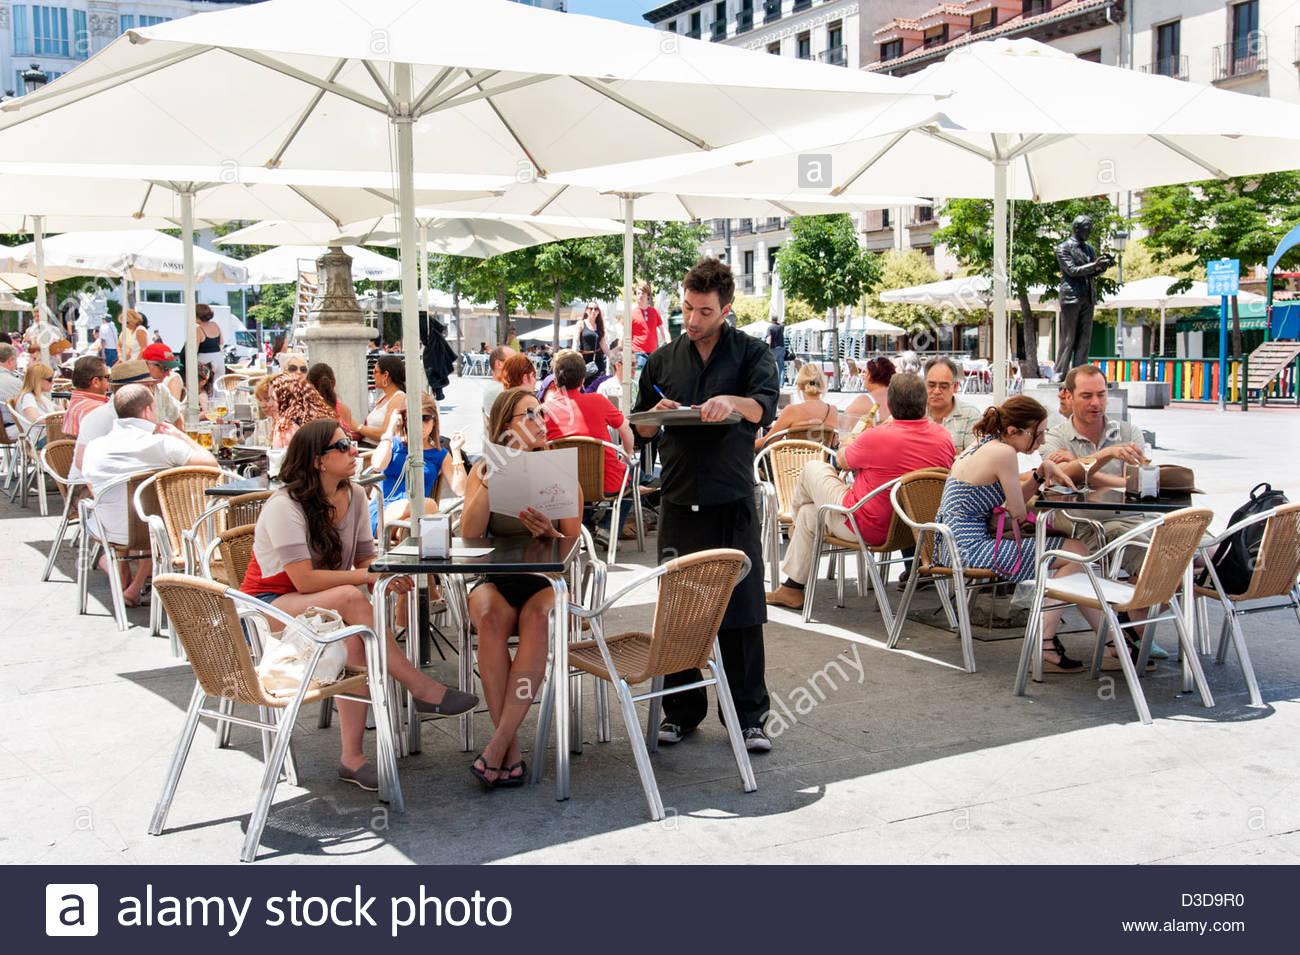 People ordering drinks at bar tables on Plaza de Santa Ana, Barrio de las Letras, Madrid, Spain - Stock Image